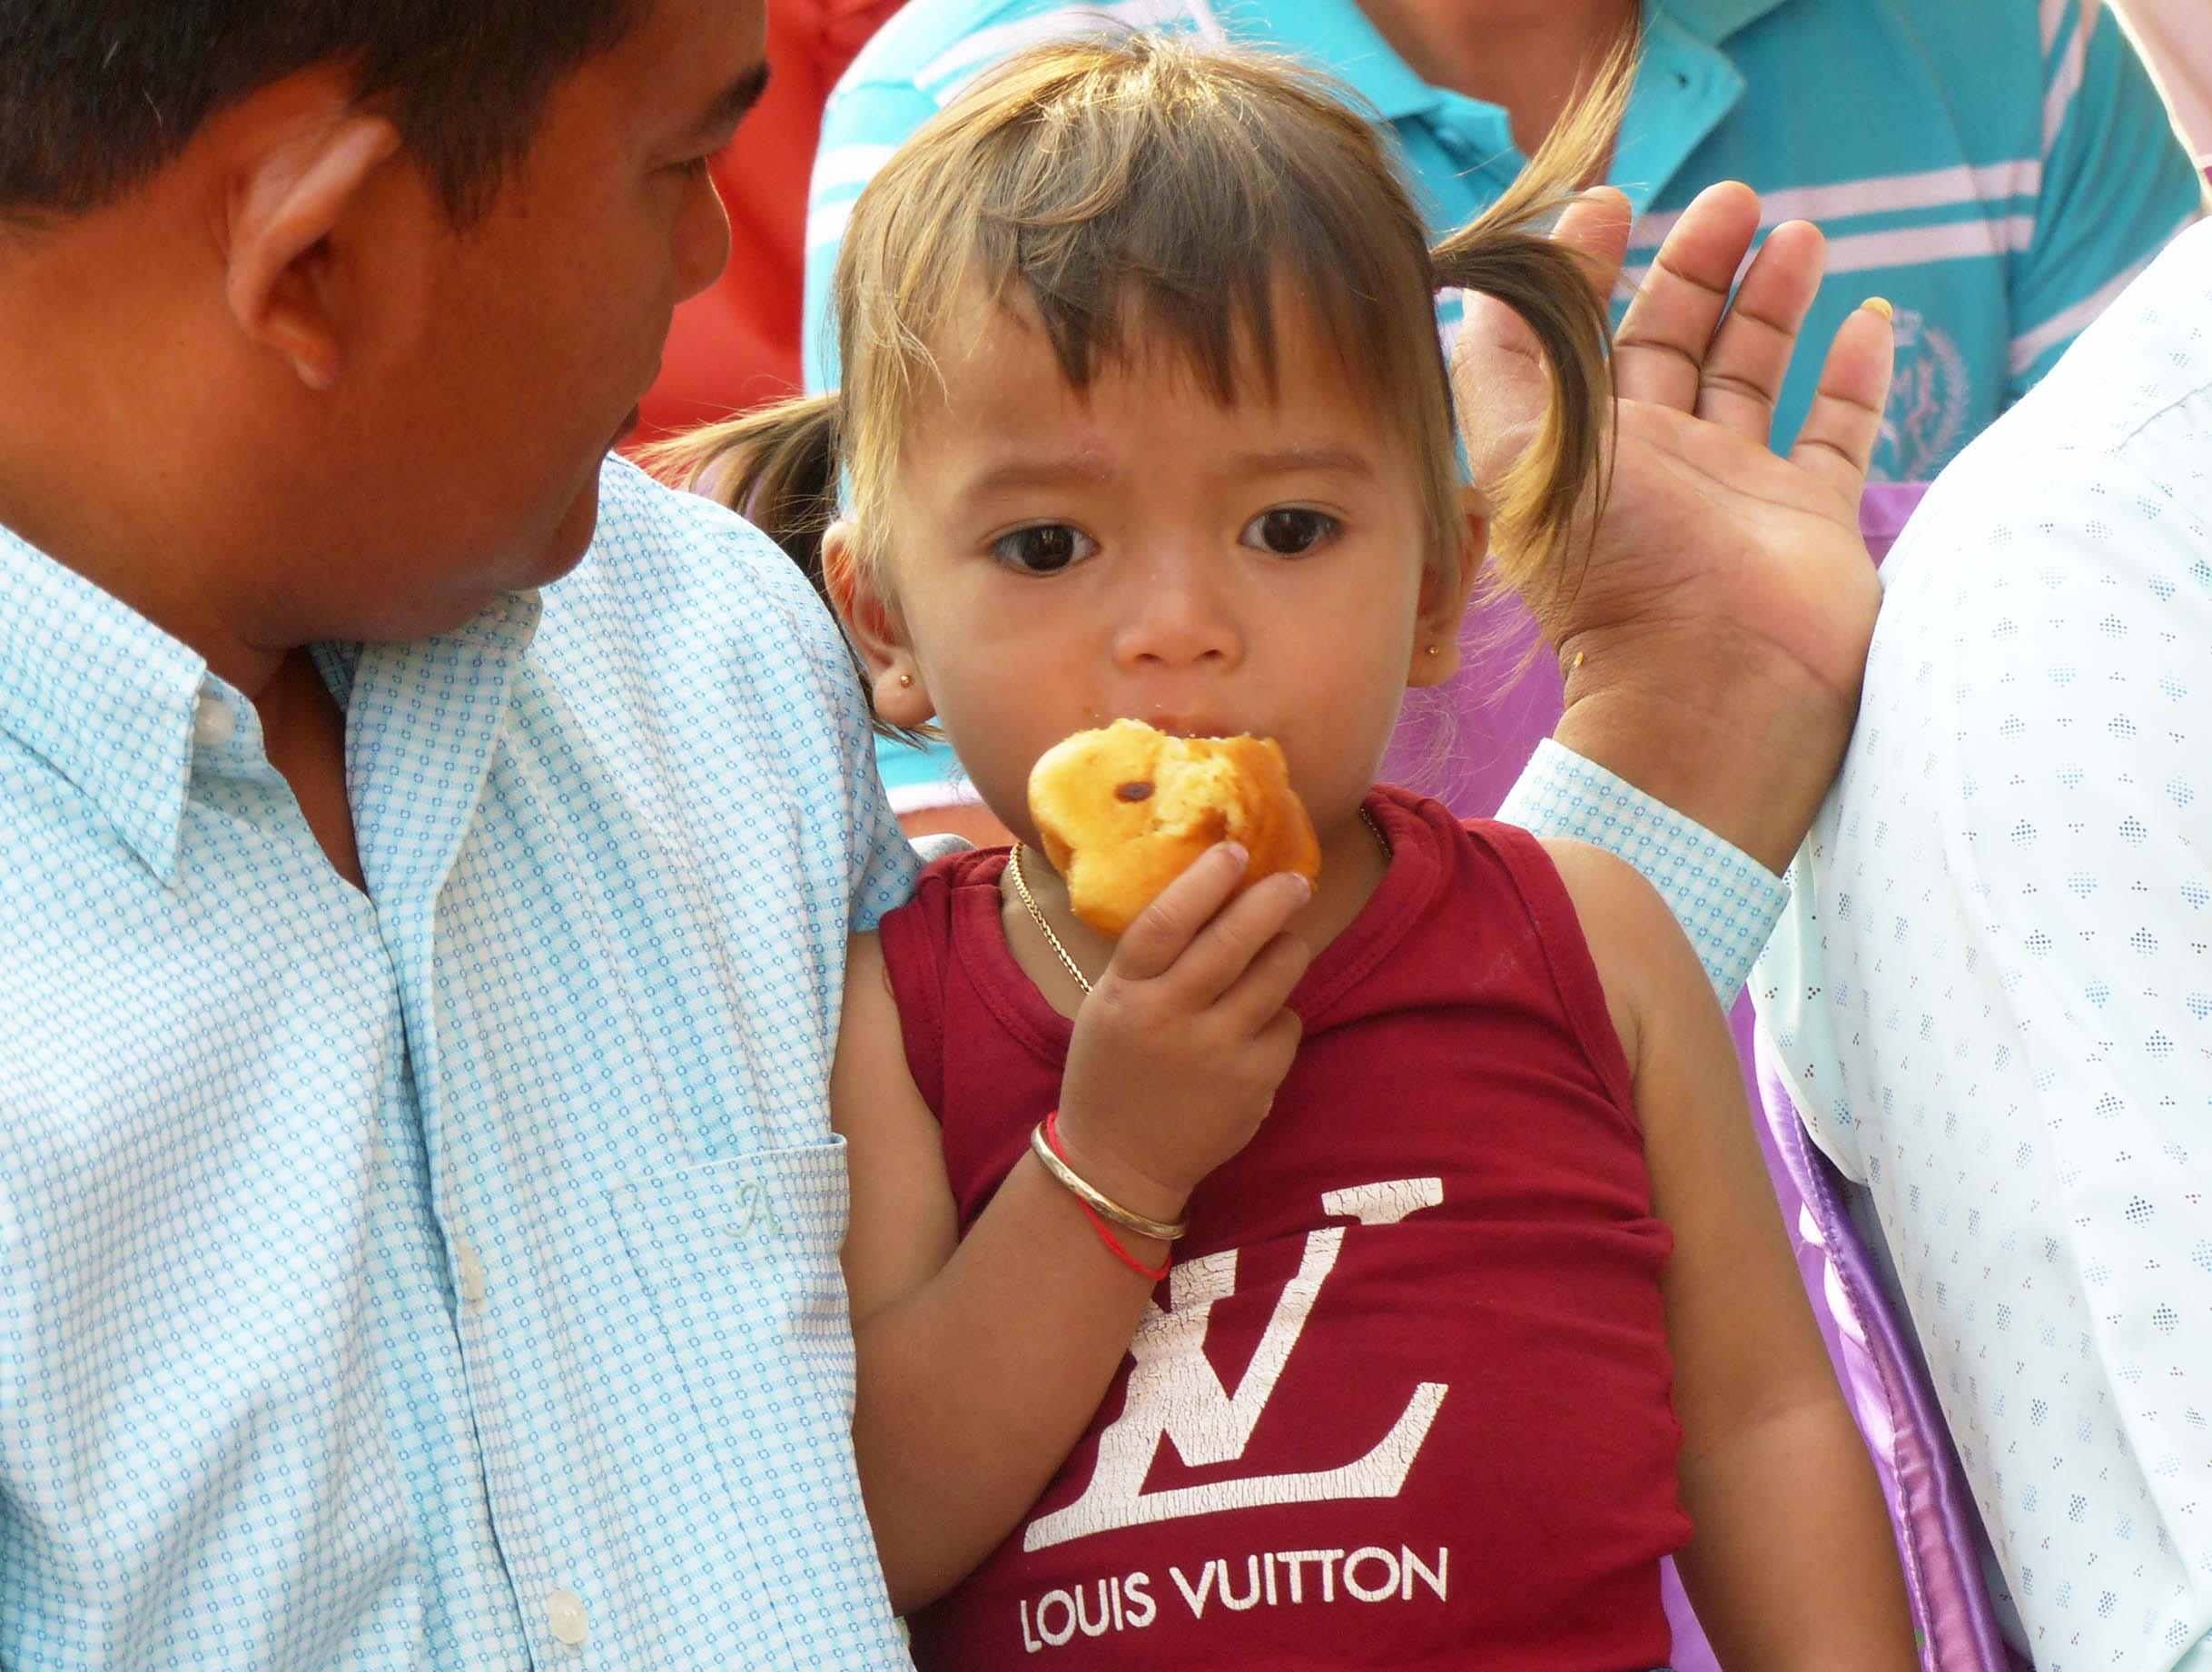 Little girl eating bread roll